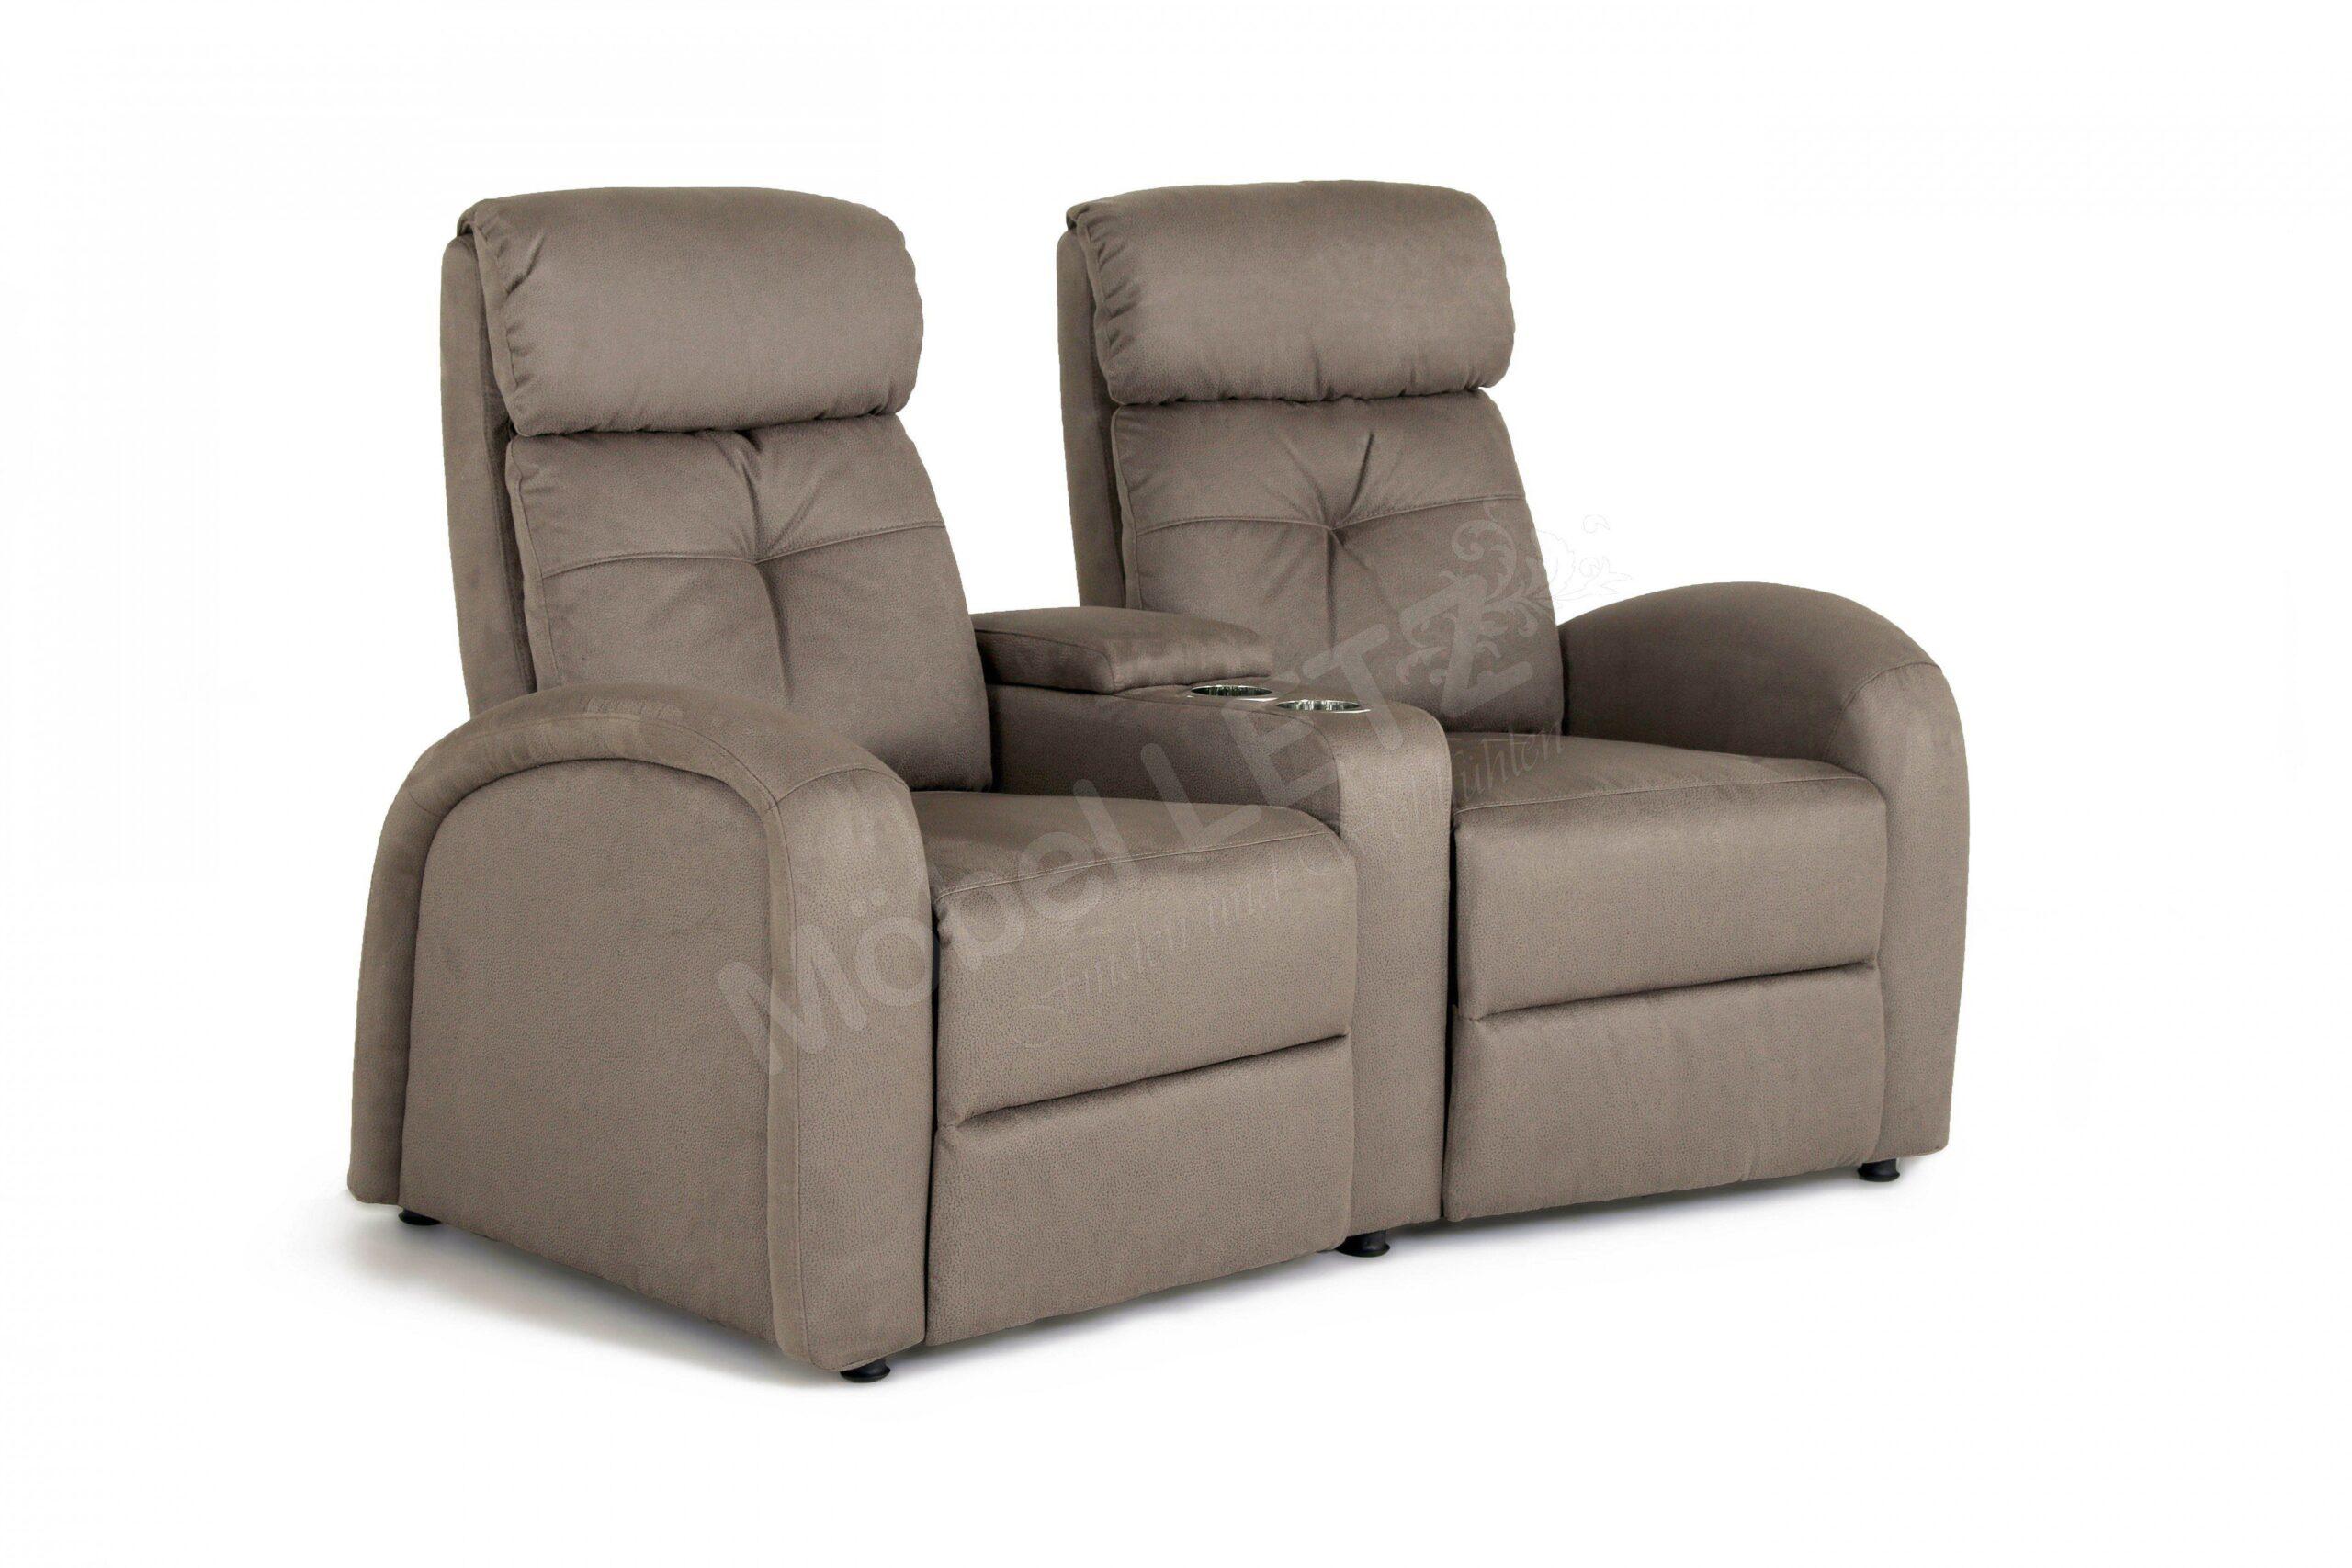 Full Size of Kinosessel 2er Microfaser Procom Houston Schlamm Mbel Letz Ihr Online Shop Sofa Grau Wohnzimmer Kinosessel 2er Microfaser